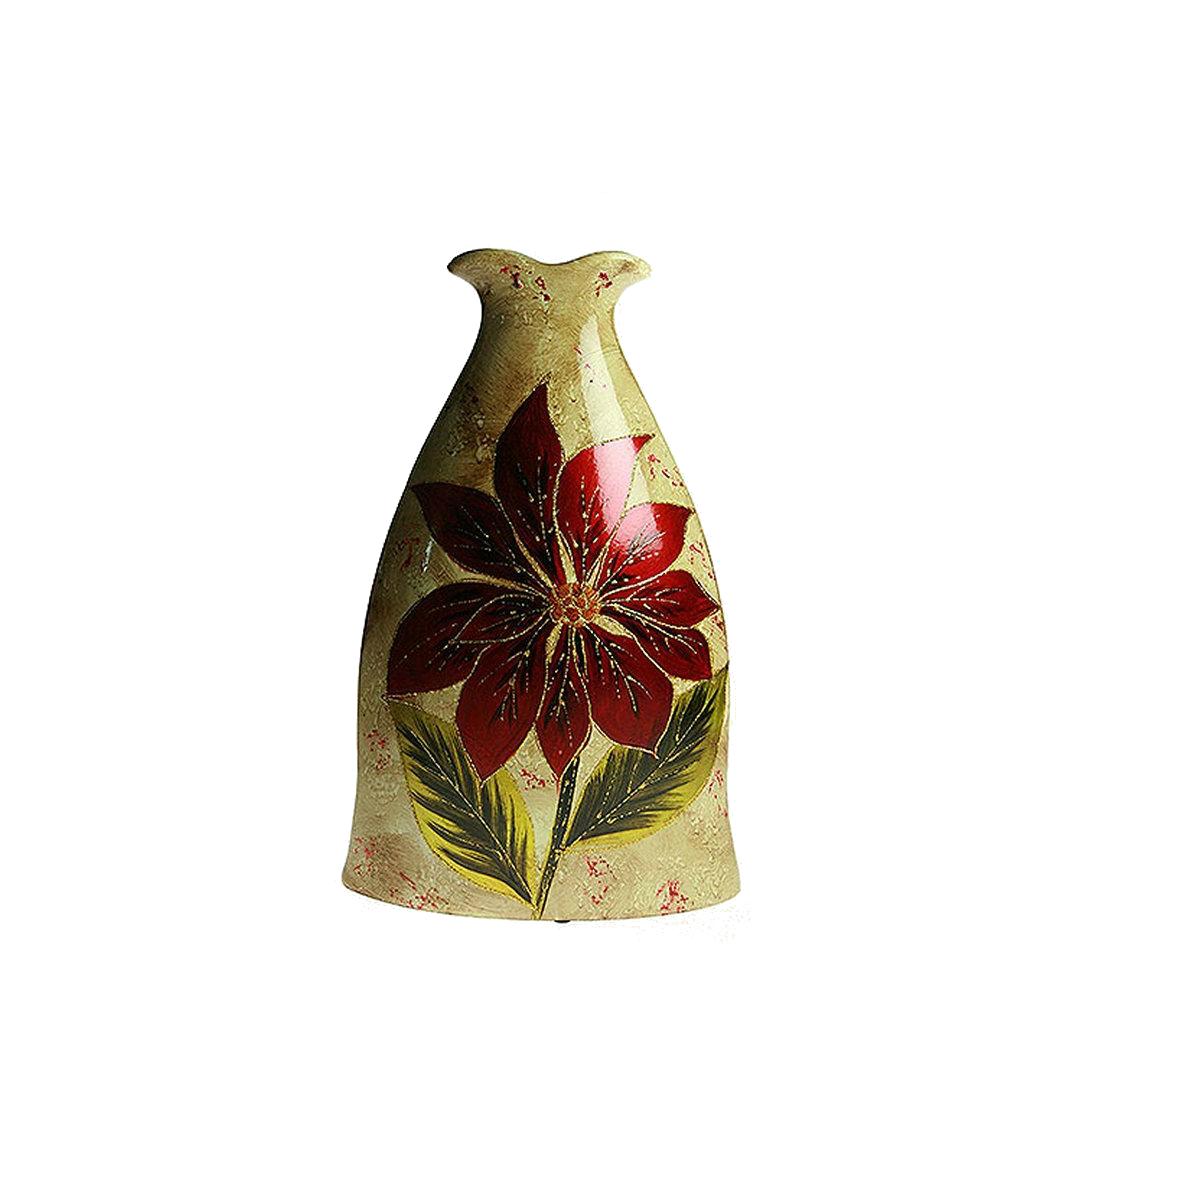 Ваза Русские Подарки Огненный цветок, высота 38 см. 214514 фоторамки русские подарки фоторамка